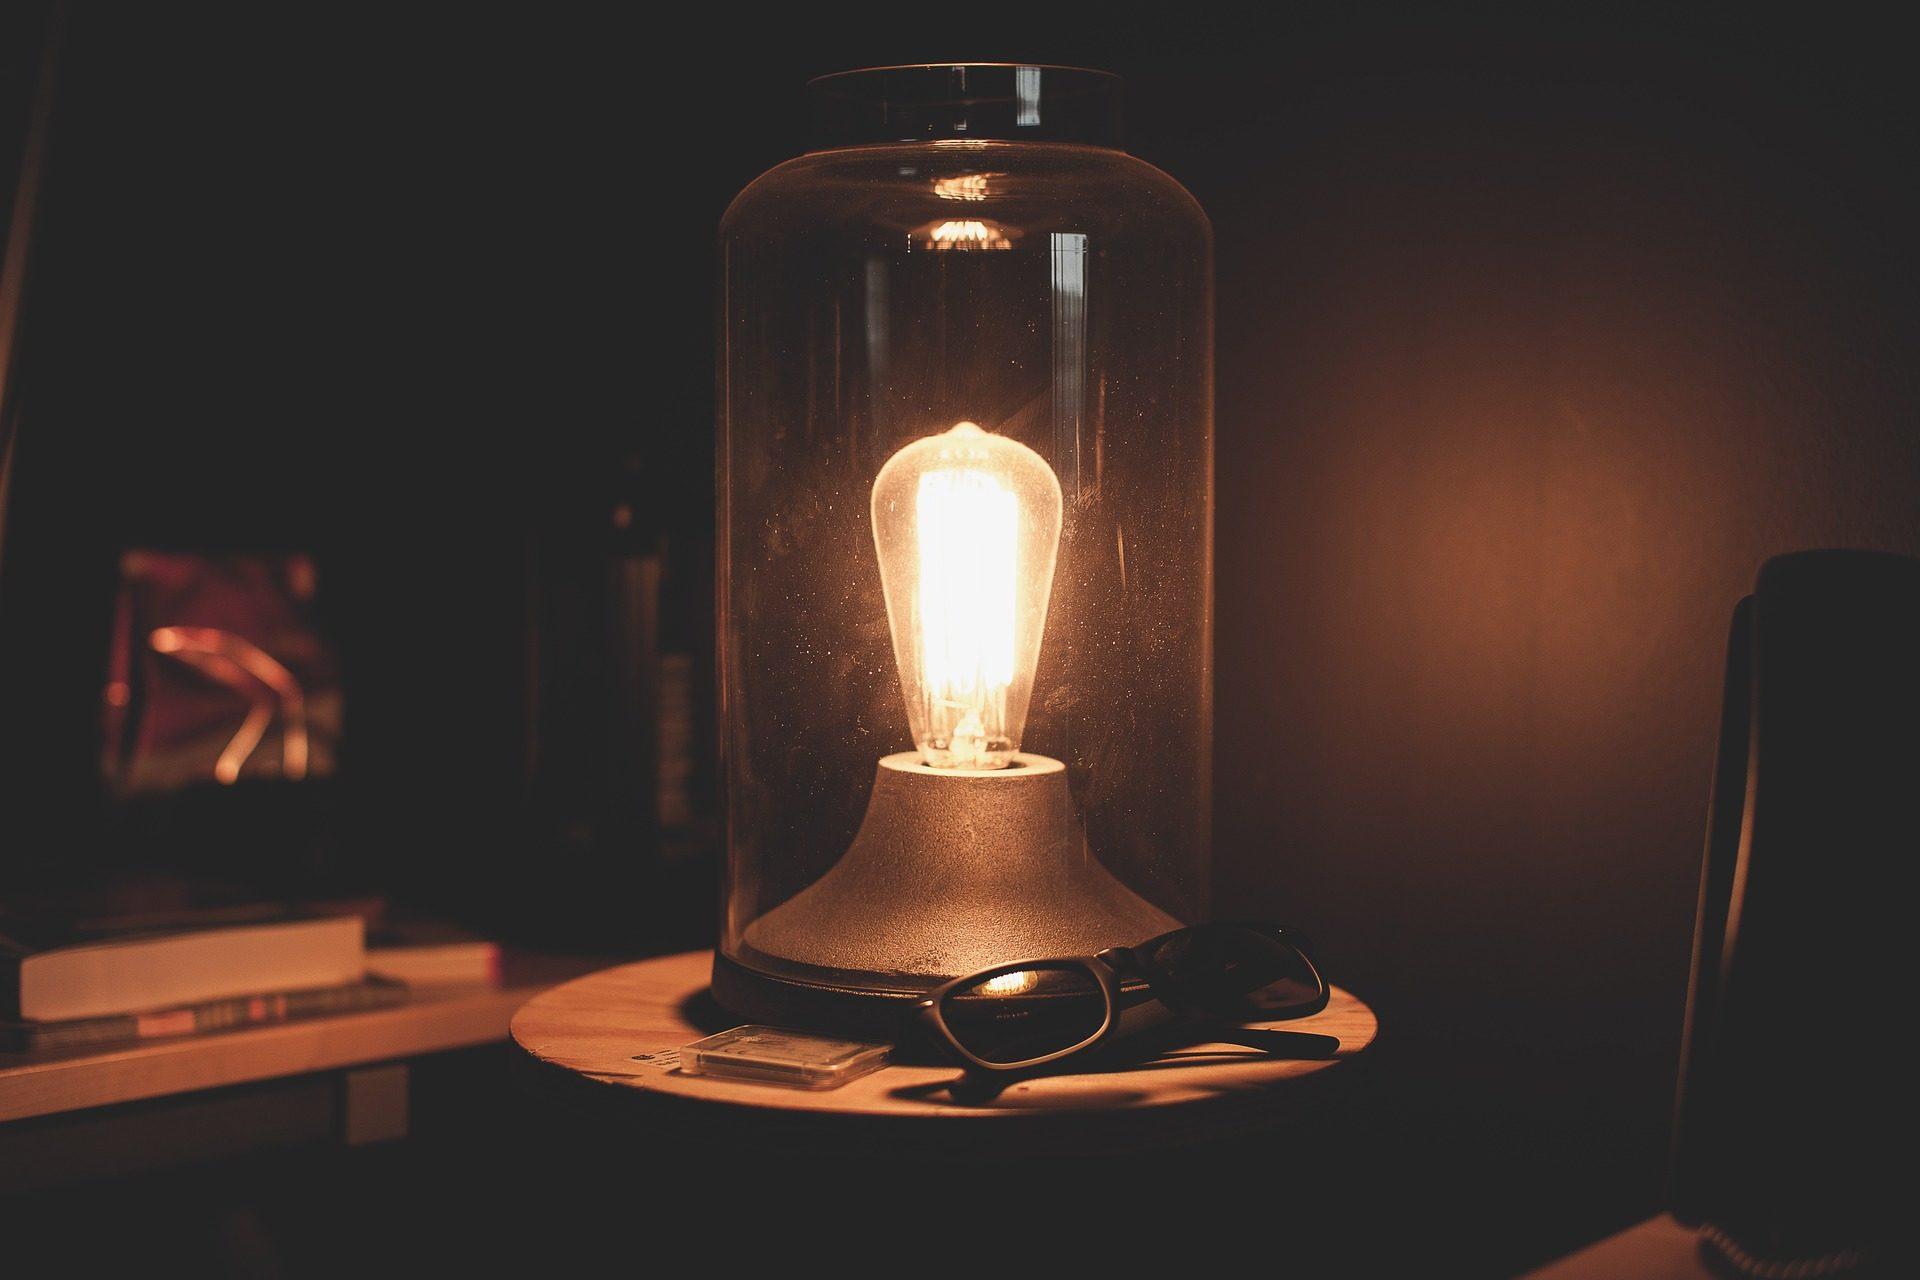 лампа, JAR, свет, накаливания, Кристалл, солнцезащитные очки, Тьма - Обои HD - Профессор falken.com